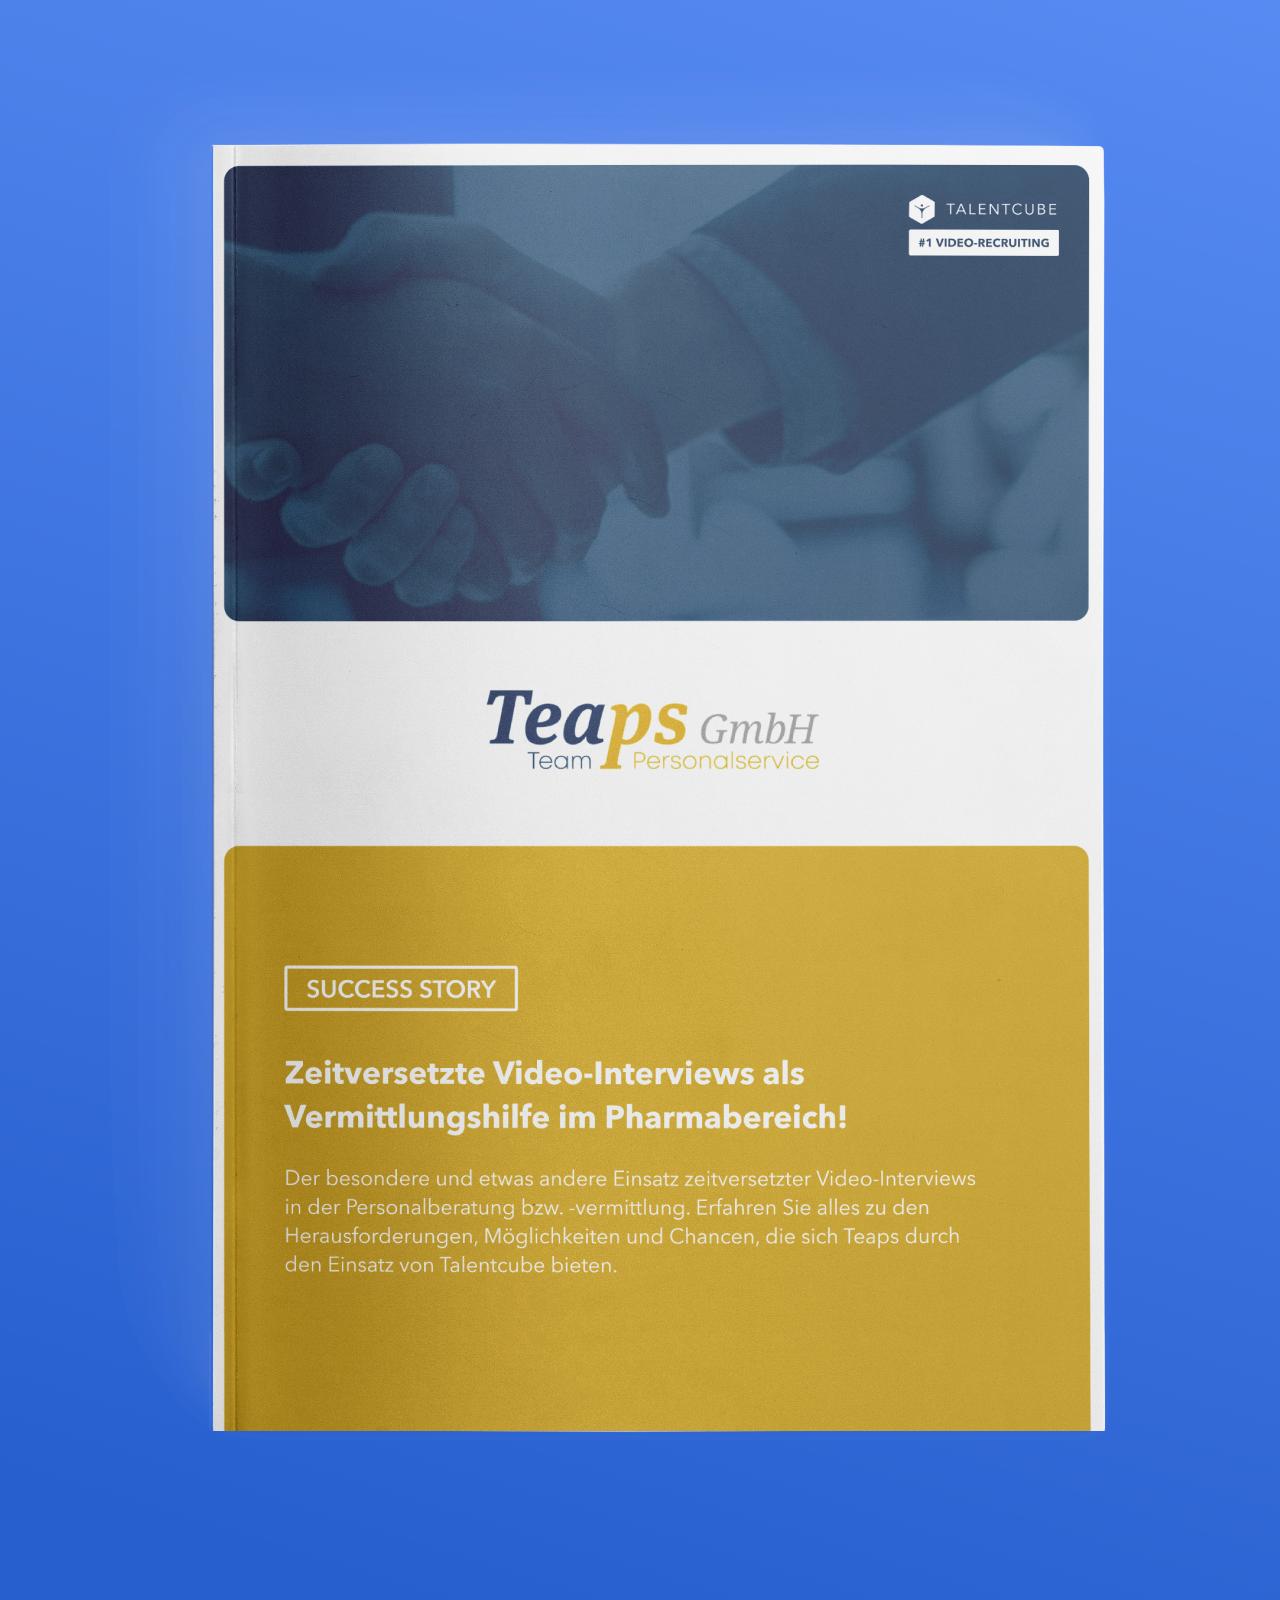 Teaps – Zeitversetzte Video-Interviews als Vermittlungshilfe im Pharmabereich!